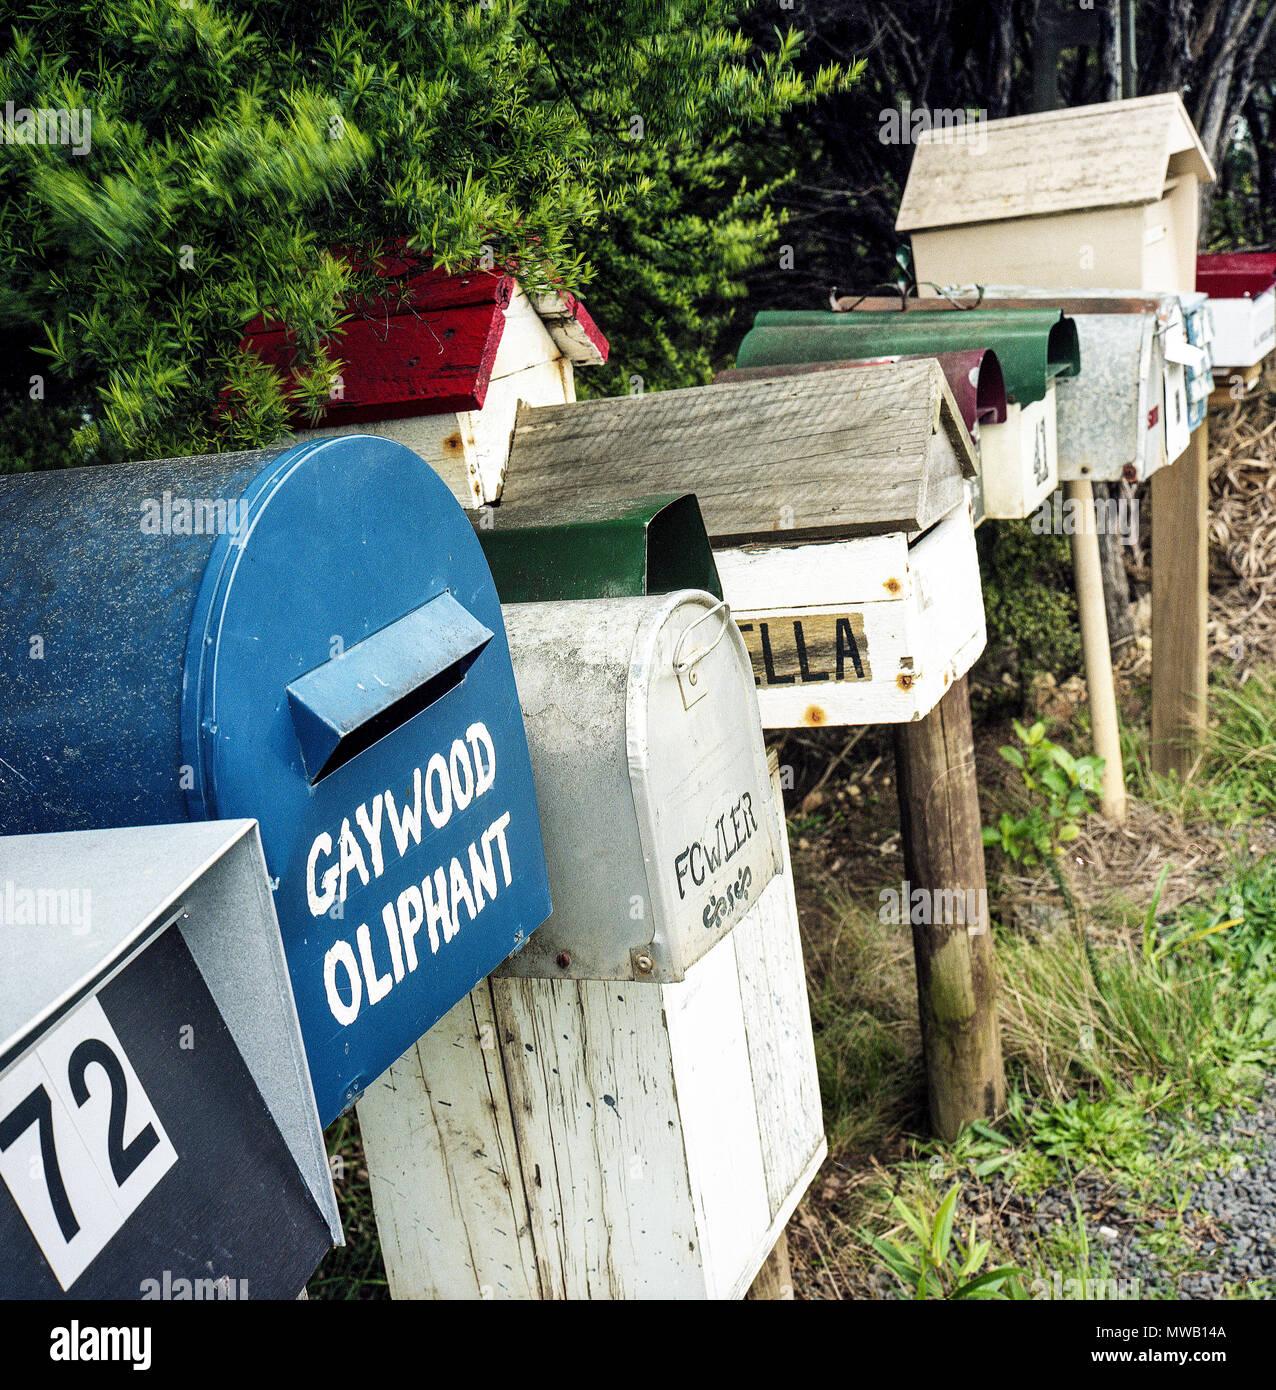 Île de Waiheke Auckland Nouvelle Zelande. photos Neville Marriner numérisées à partir de film Photo Stock